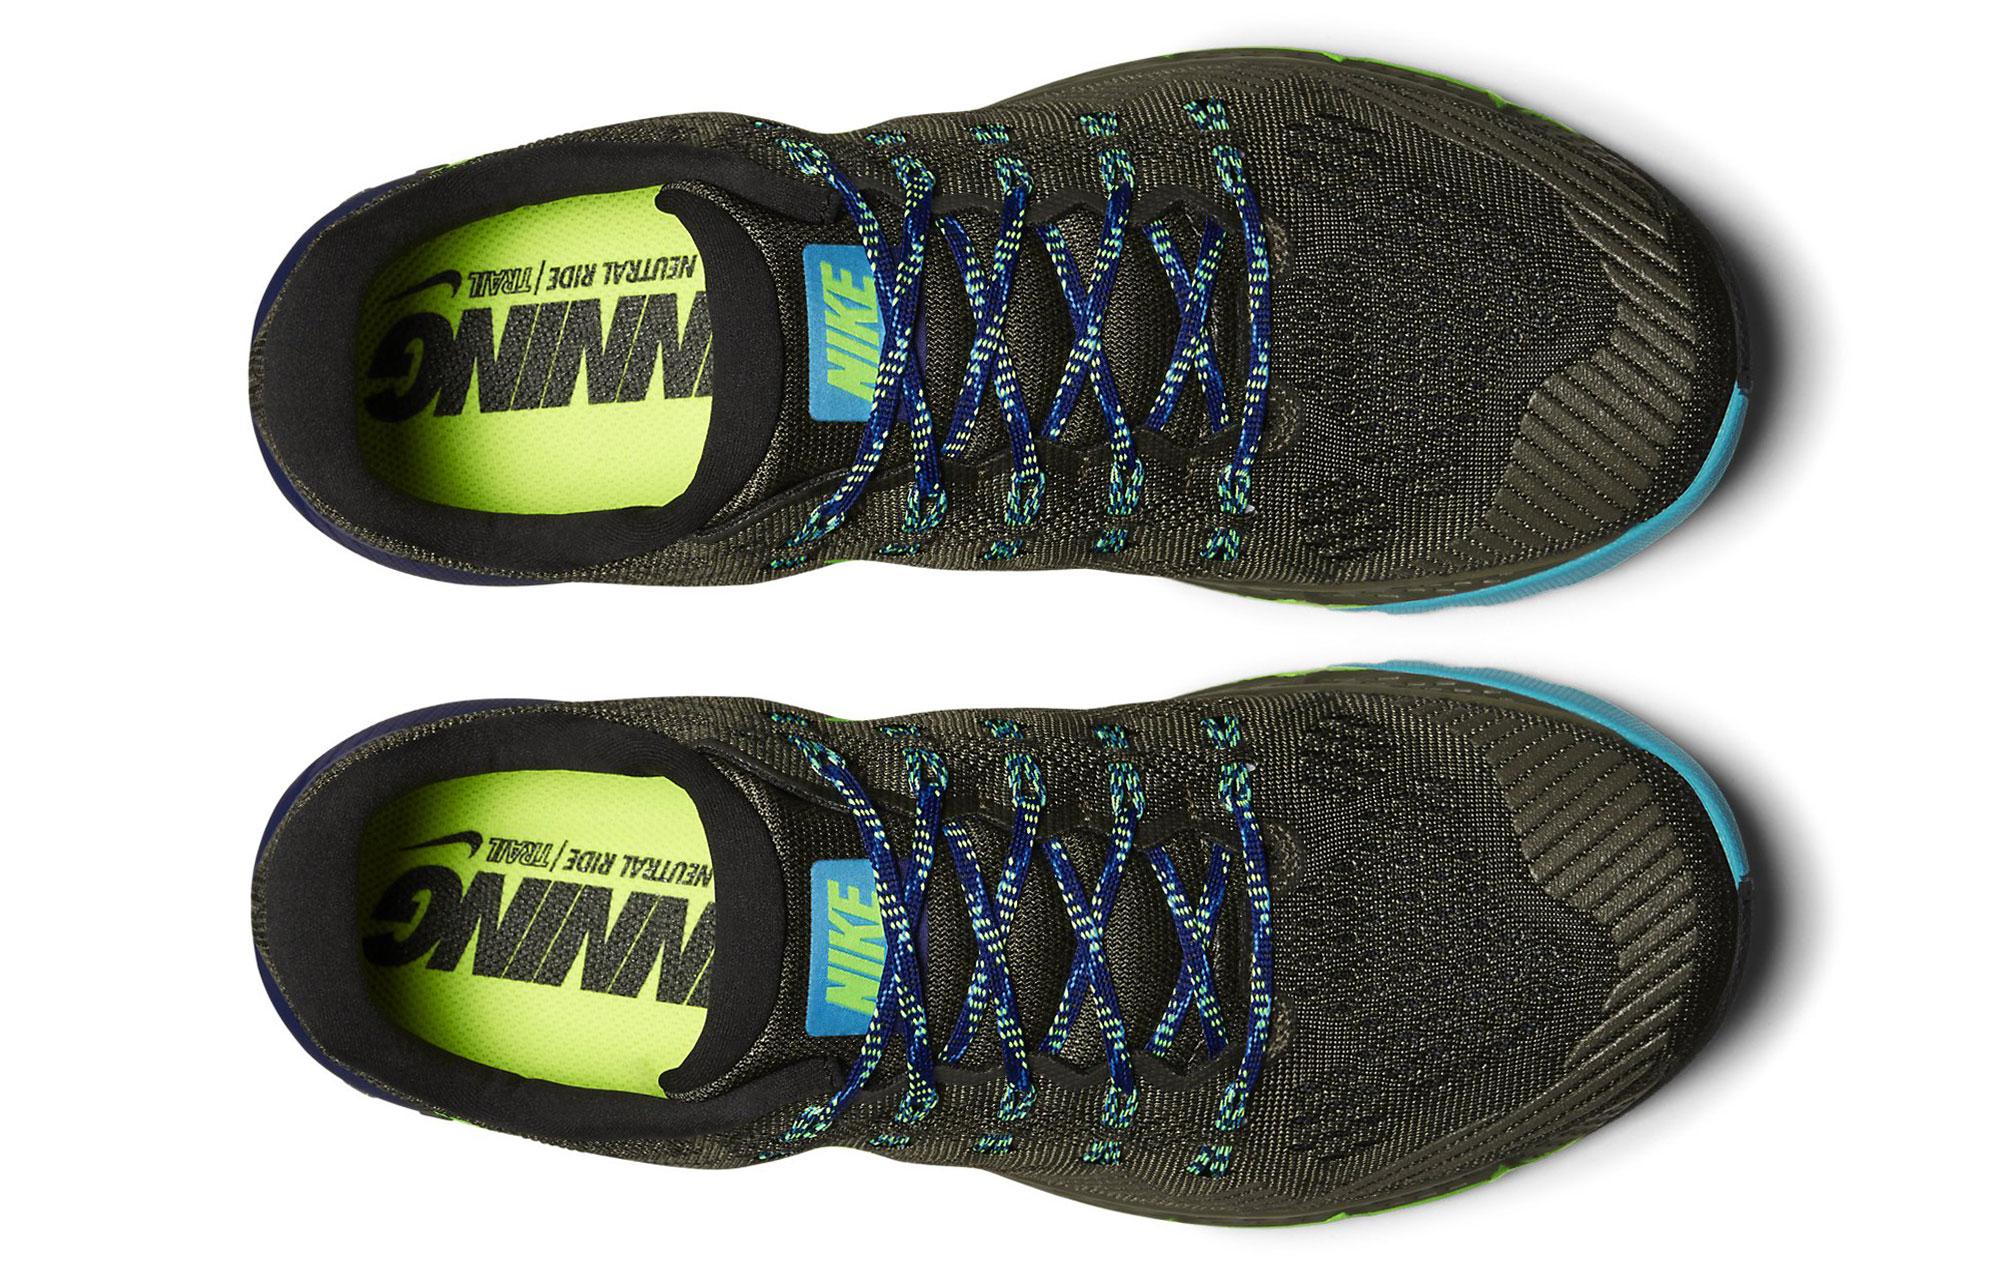 3 Kiger Kék Nike Khaki Cipők Zoom Férfiak Zöld Terra Wq4WcaROp 47e915a464